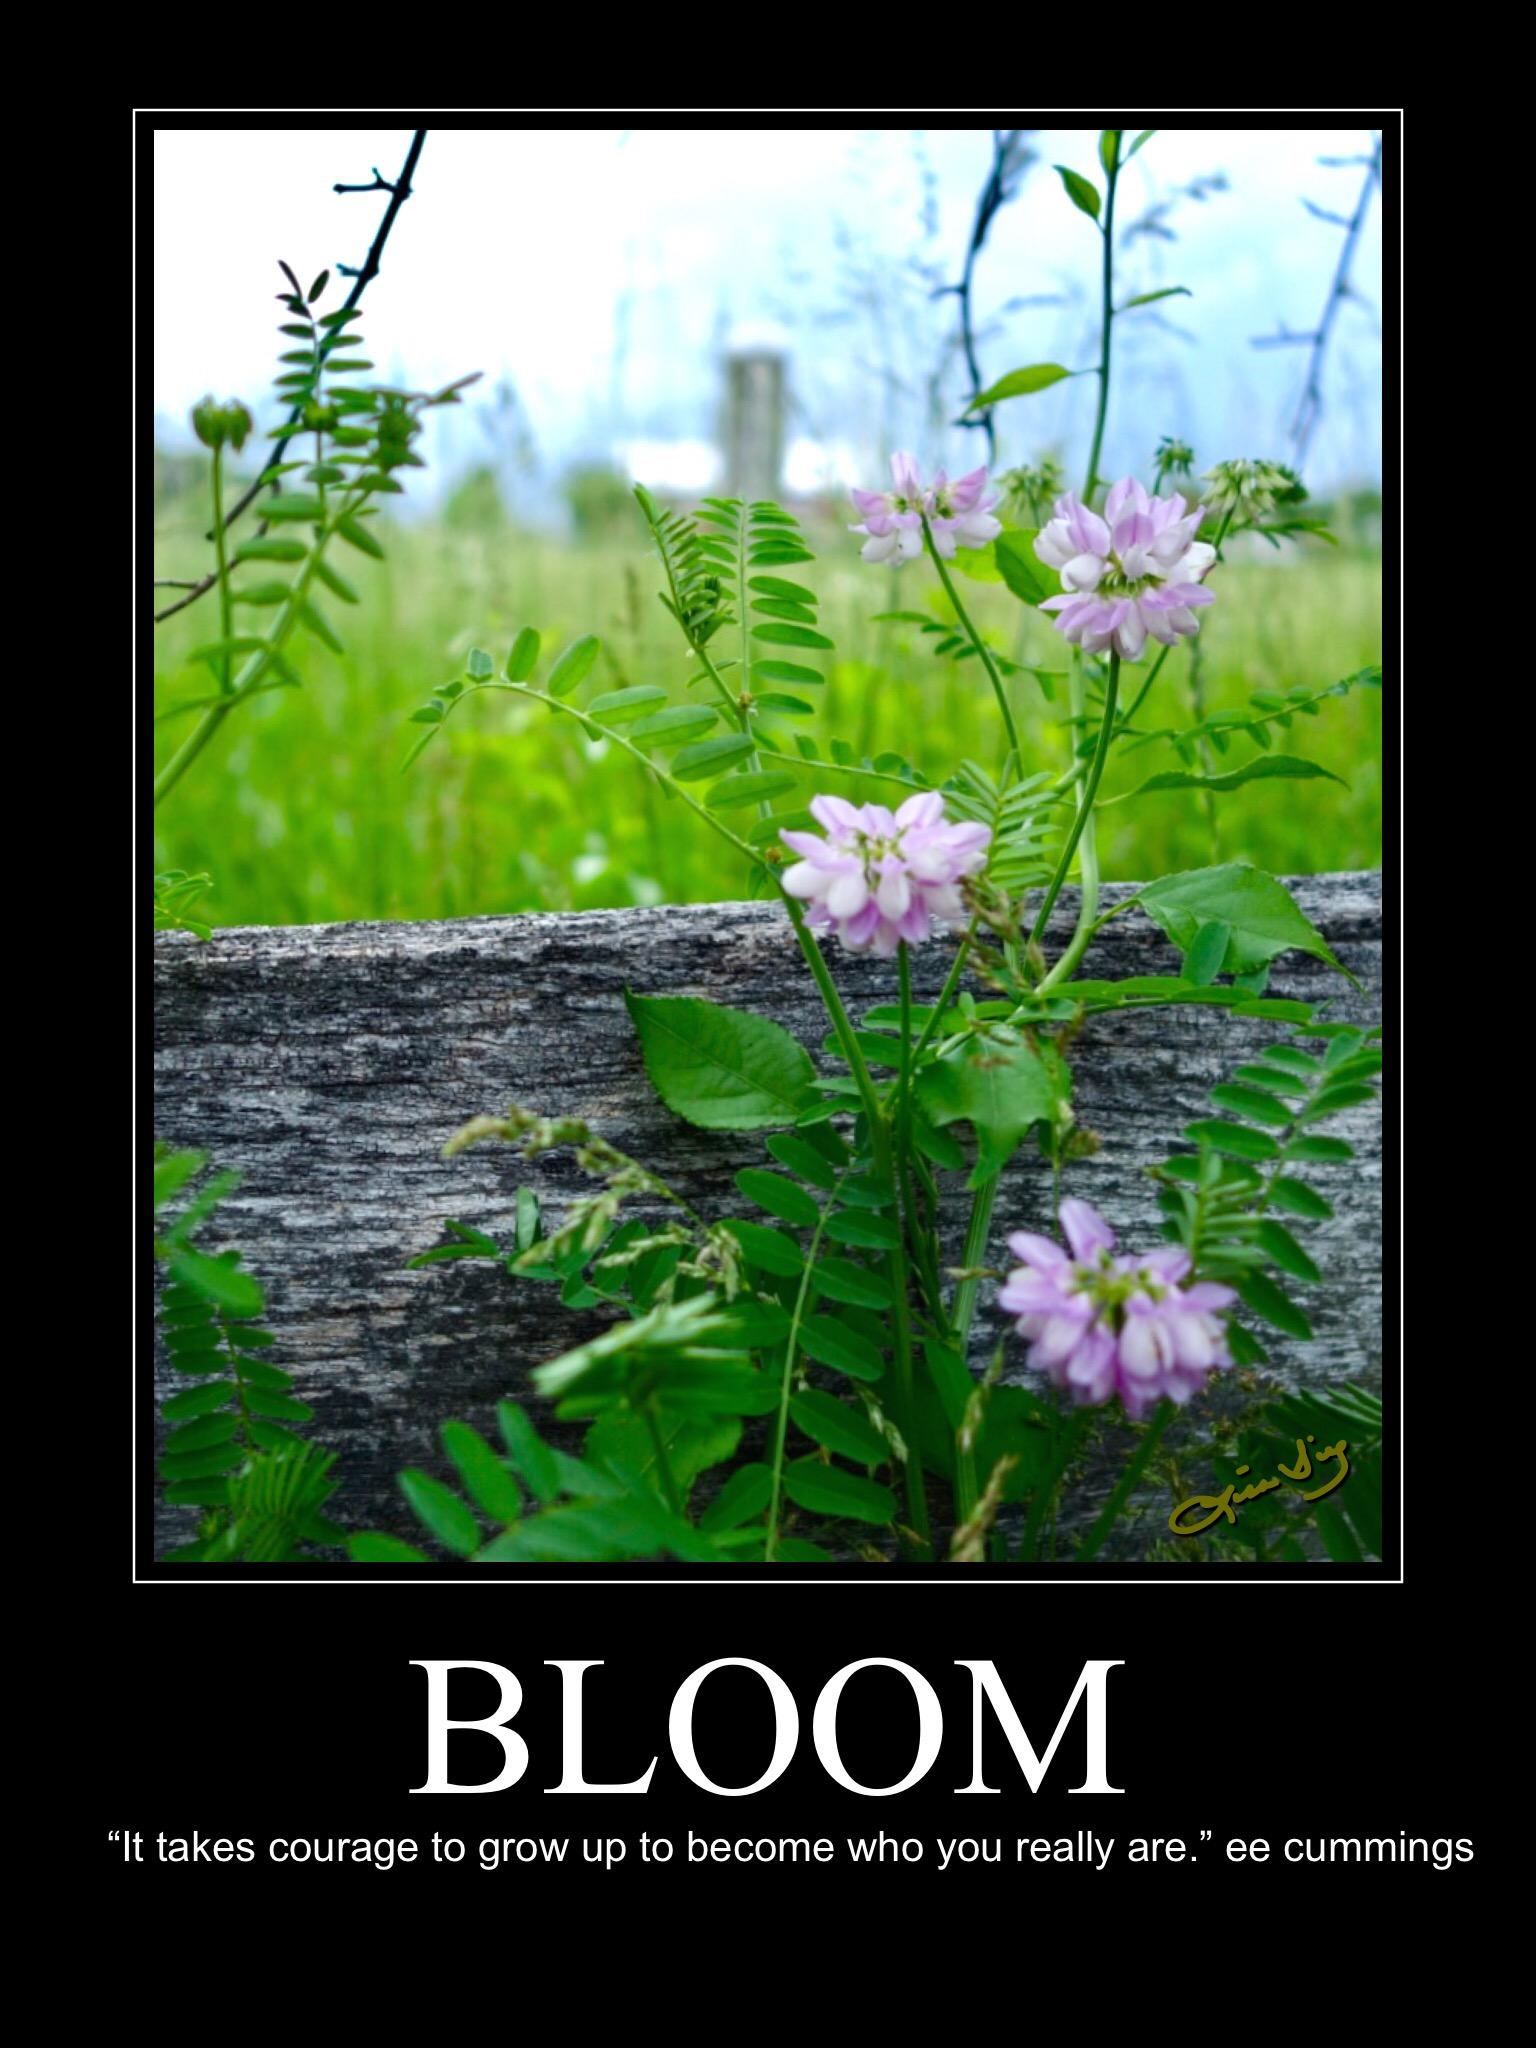 Bloom new poster.JPG